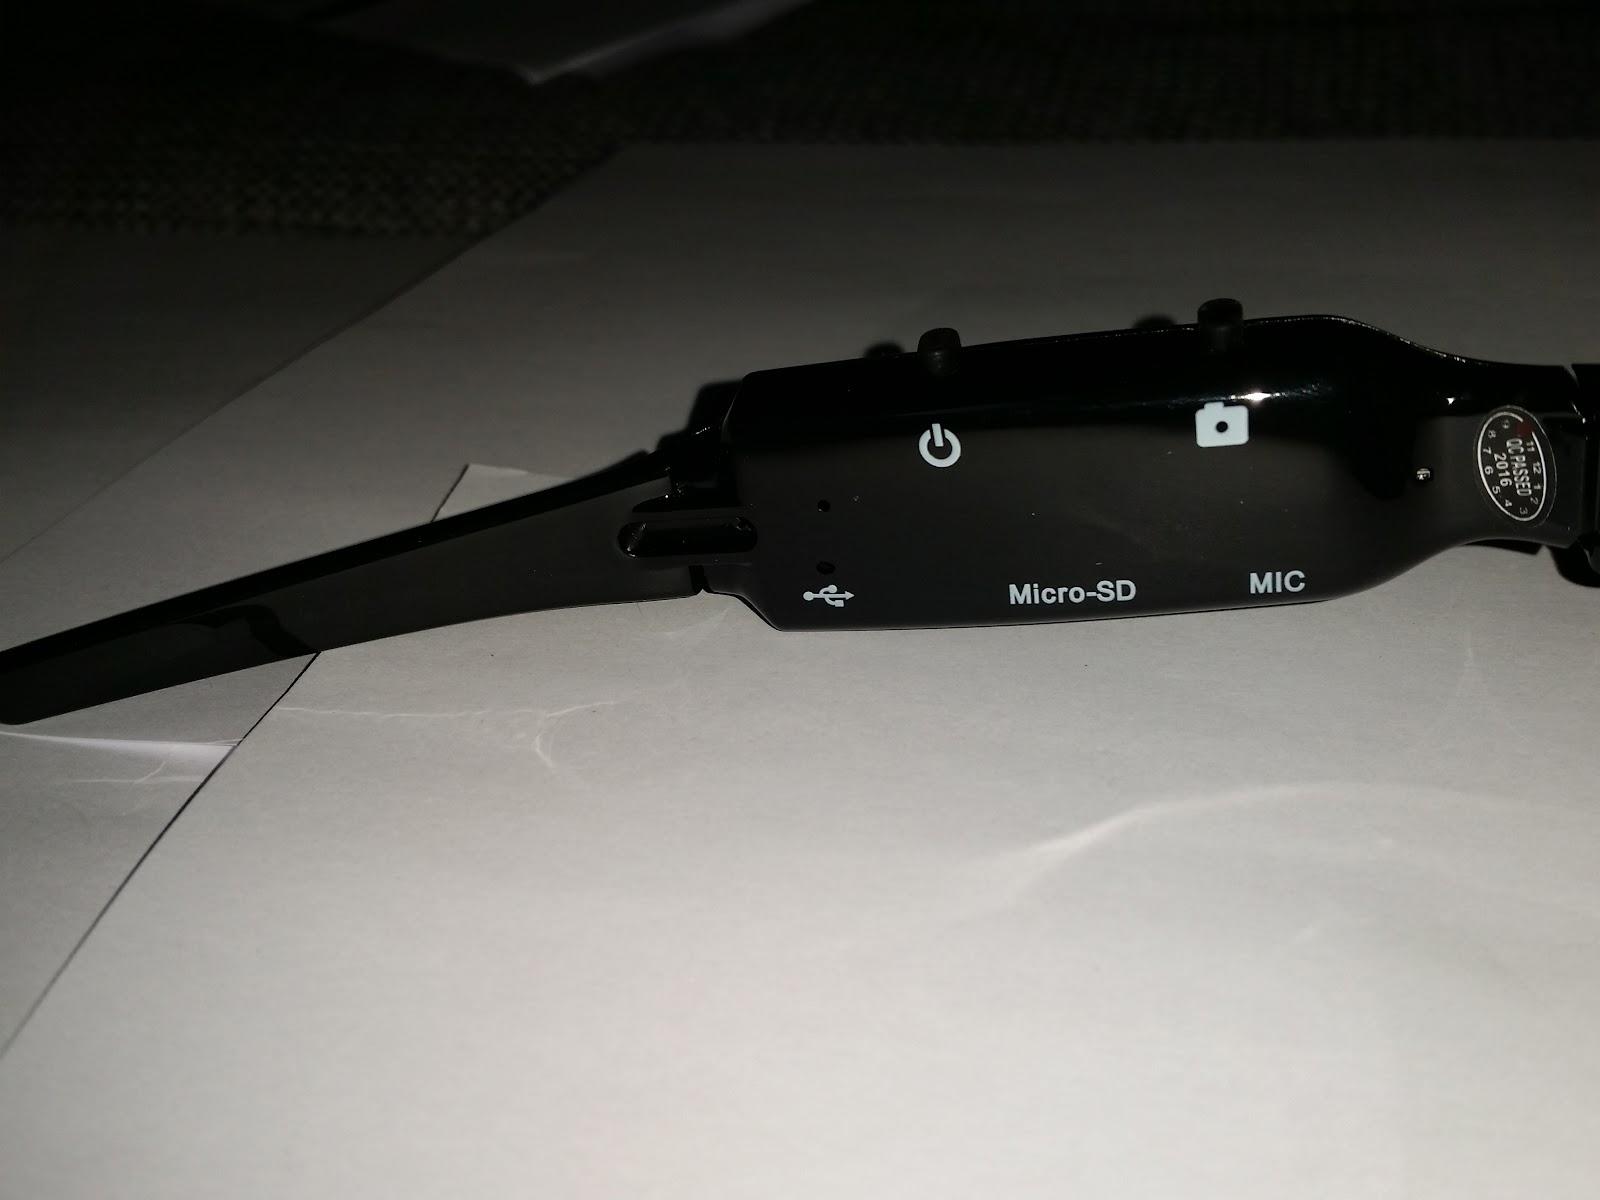 HD 720P Lunettes de soleil Caméra Espion Lunettes caméra vidéo recorder Mini Caméscope DVR enregistrement HD sécurité Portable www.avalonkef.com b.jpg